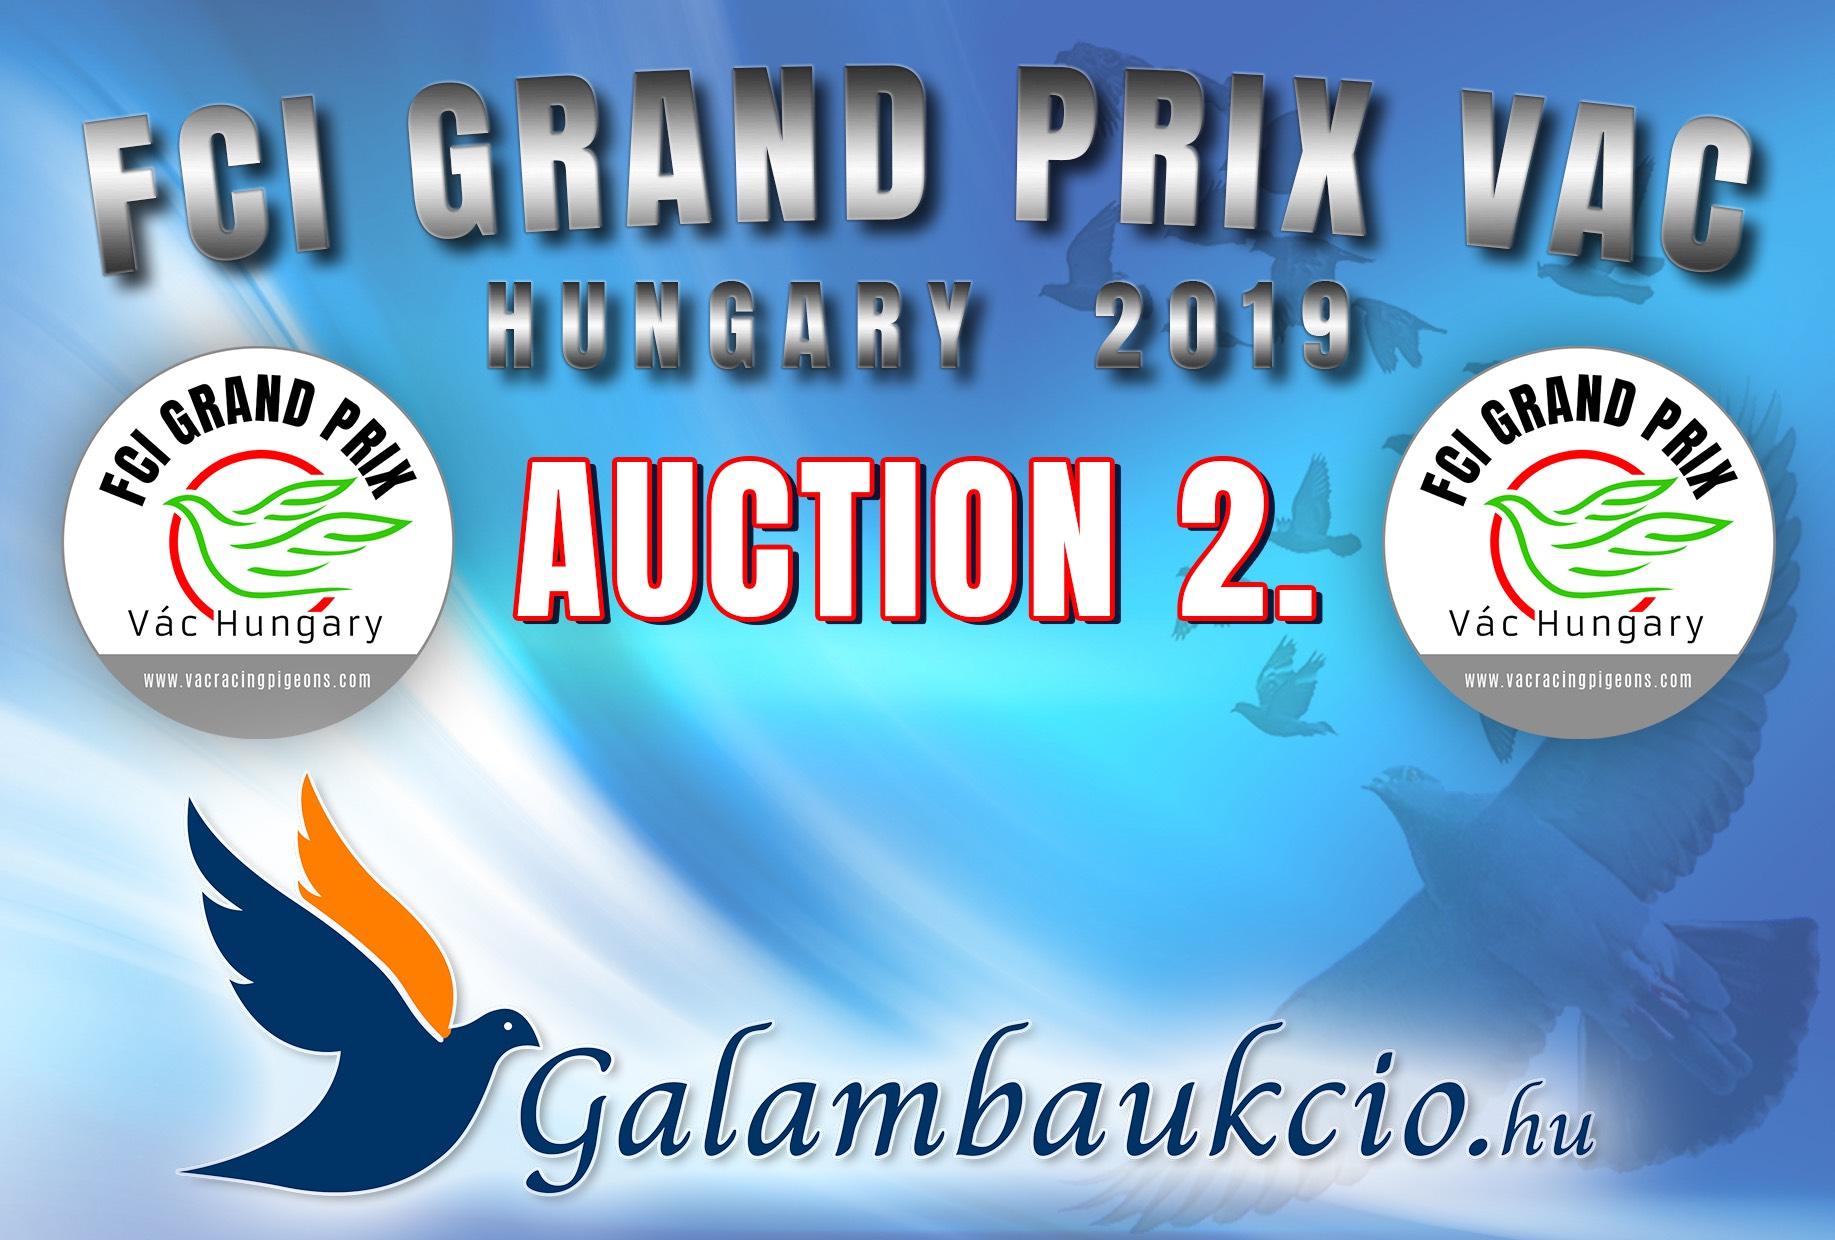 FCI Grand Prix Vác Hungary 2019. AUKCIÓ 2.